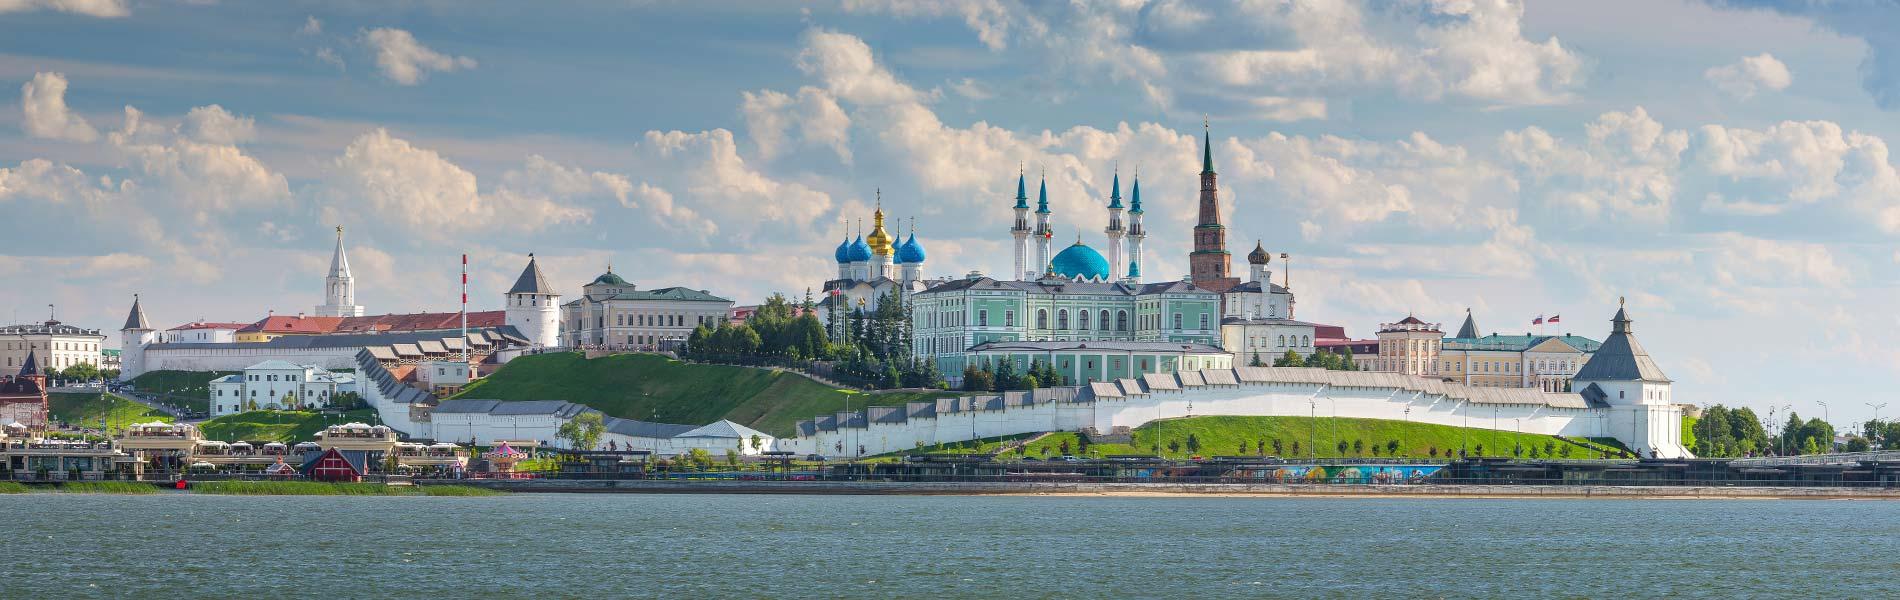 ρωσικά στο κέντρο Καζάλι